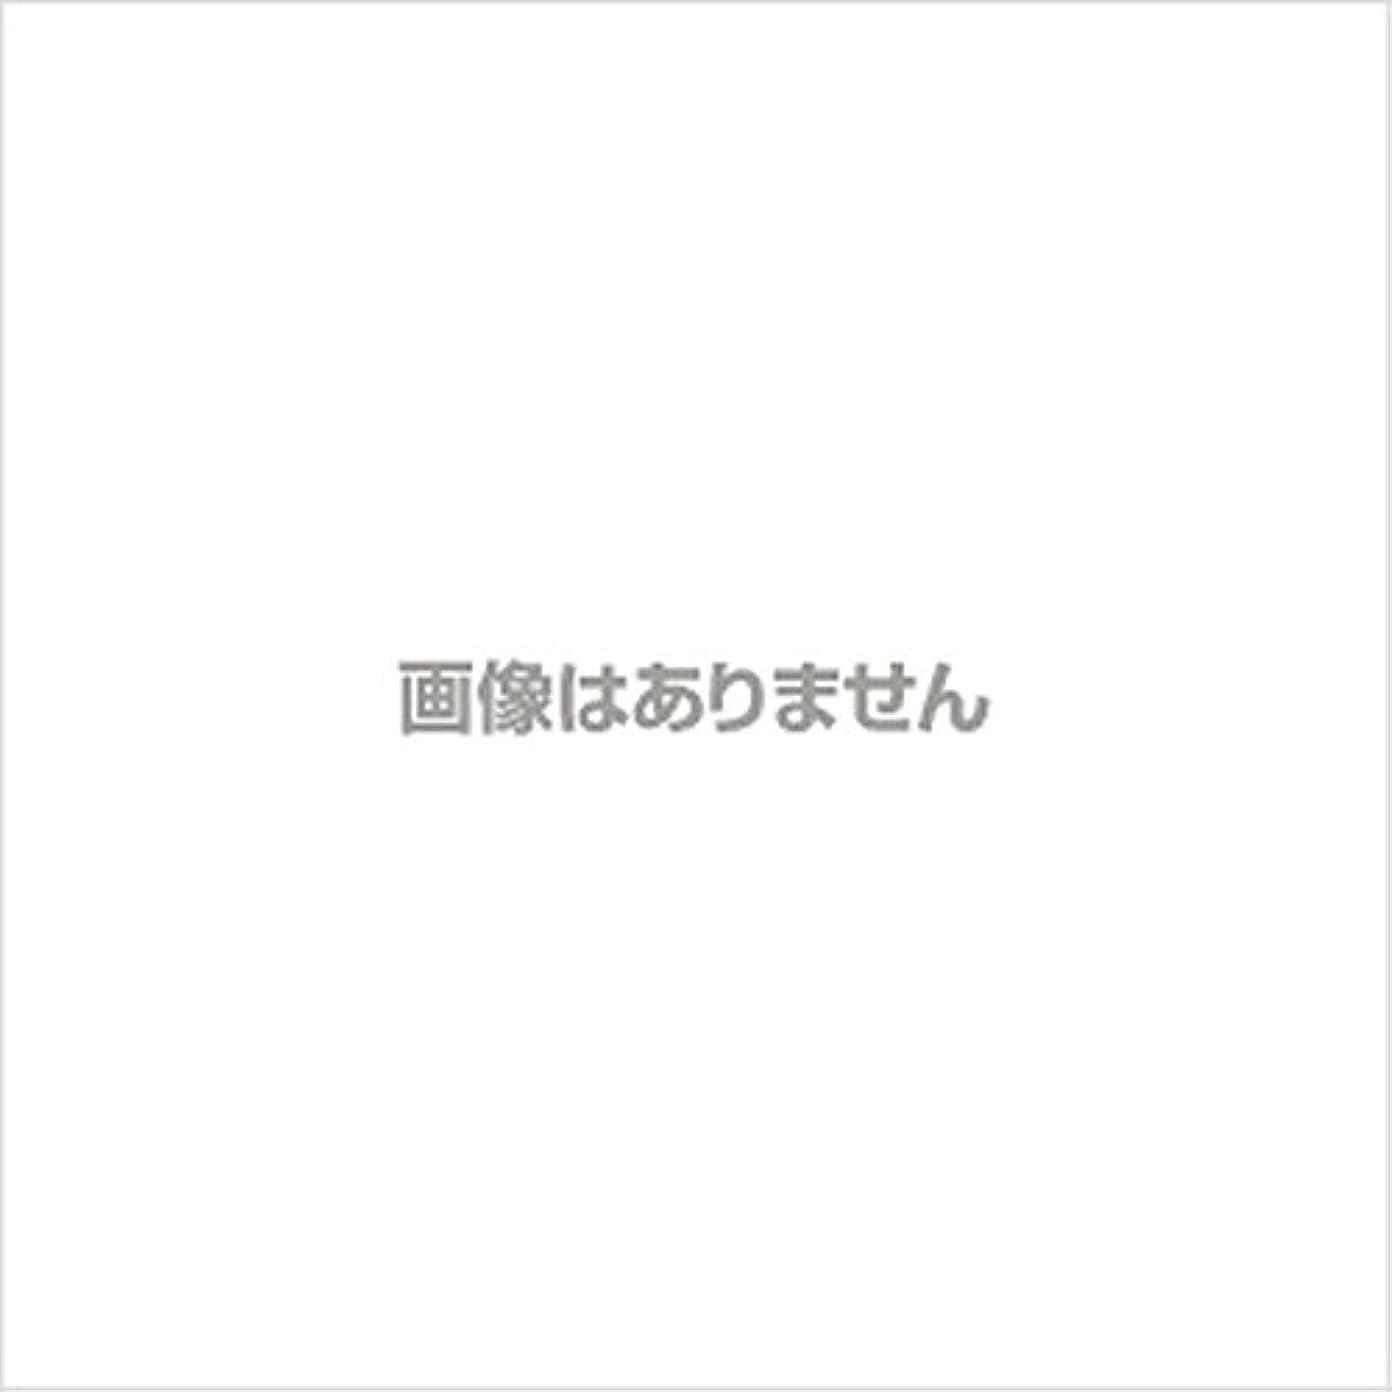 試用阻害する上院【新発売】EBUKEA エブケアNO1002 プラスチックグローブ(粉付)Mサイズ 100枚入(極薄?半透明)